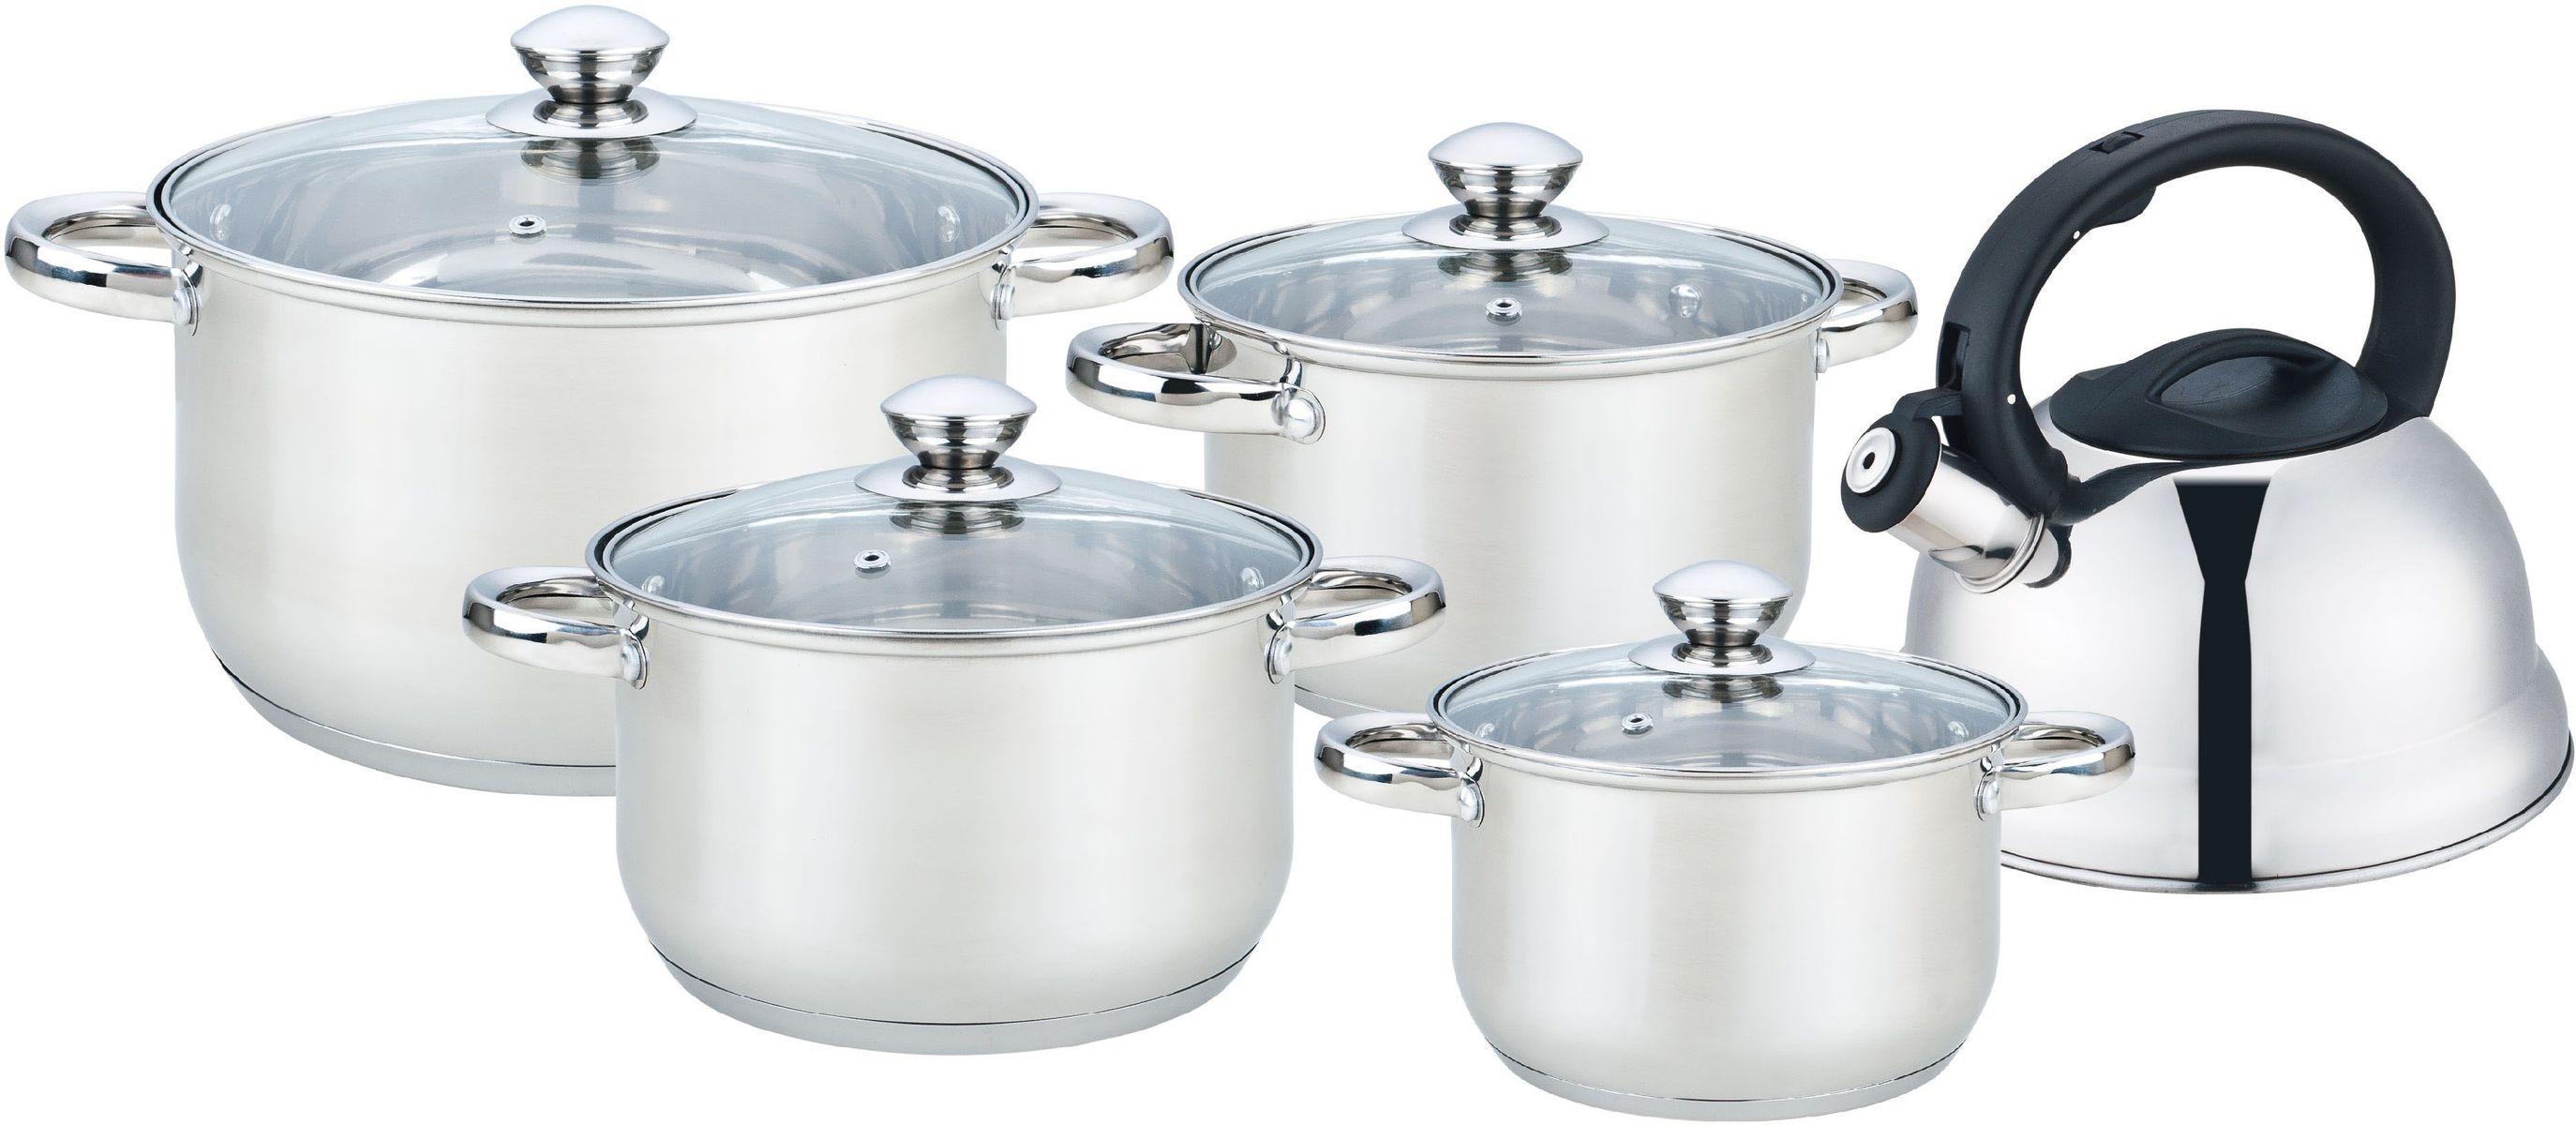 Набор посуды Bekker Jumbo, 9 предметов. BK-2595BK-2595Набор Bekker Jumbo состоит из 4 кастрюль с крышками и чайника со свистком. Изделия изготовлены из высококачественной нержавеющей стали. Посуда имеет капсулированное термическое дно - совершенно новая разработка, позволяющая приготавливать здоровую пищу. Благодаря уникальной конструкции дна, тепло, проходя через металл, равномерно распределяется по стенкам посуды. Для приготовления пищи в такой посуде требуется минимальное количество масла, тем самым уменьшается риск потери витаминов и минералов в процессе термообработки продуктов. Крышки выполнены из жаростойкого прозрачного стекла, оснащены бакелитовой ручкой, металлическим ободом и отверстием для выпуска пара. Такие крышки позволяют следить за процессом приготовления пищи без потери тепла. Они плотно прилегают к краю и сохраняют аромат блюд. Подходит для всех плит. Можно мыть в посудомоечной машине. Объем кастрюль: 2,1 л, 2,9 л, 3,9 л, 6,5 л.Внутренний диаметр кастрюль: 16 см, 18 см, 20 см, 24 см.Объем чайника: 2 л.